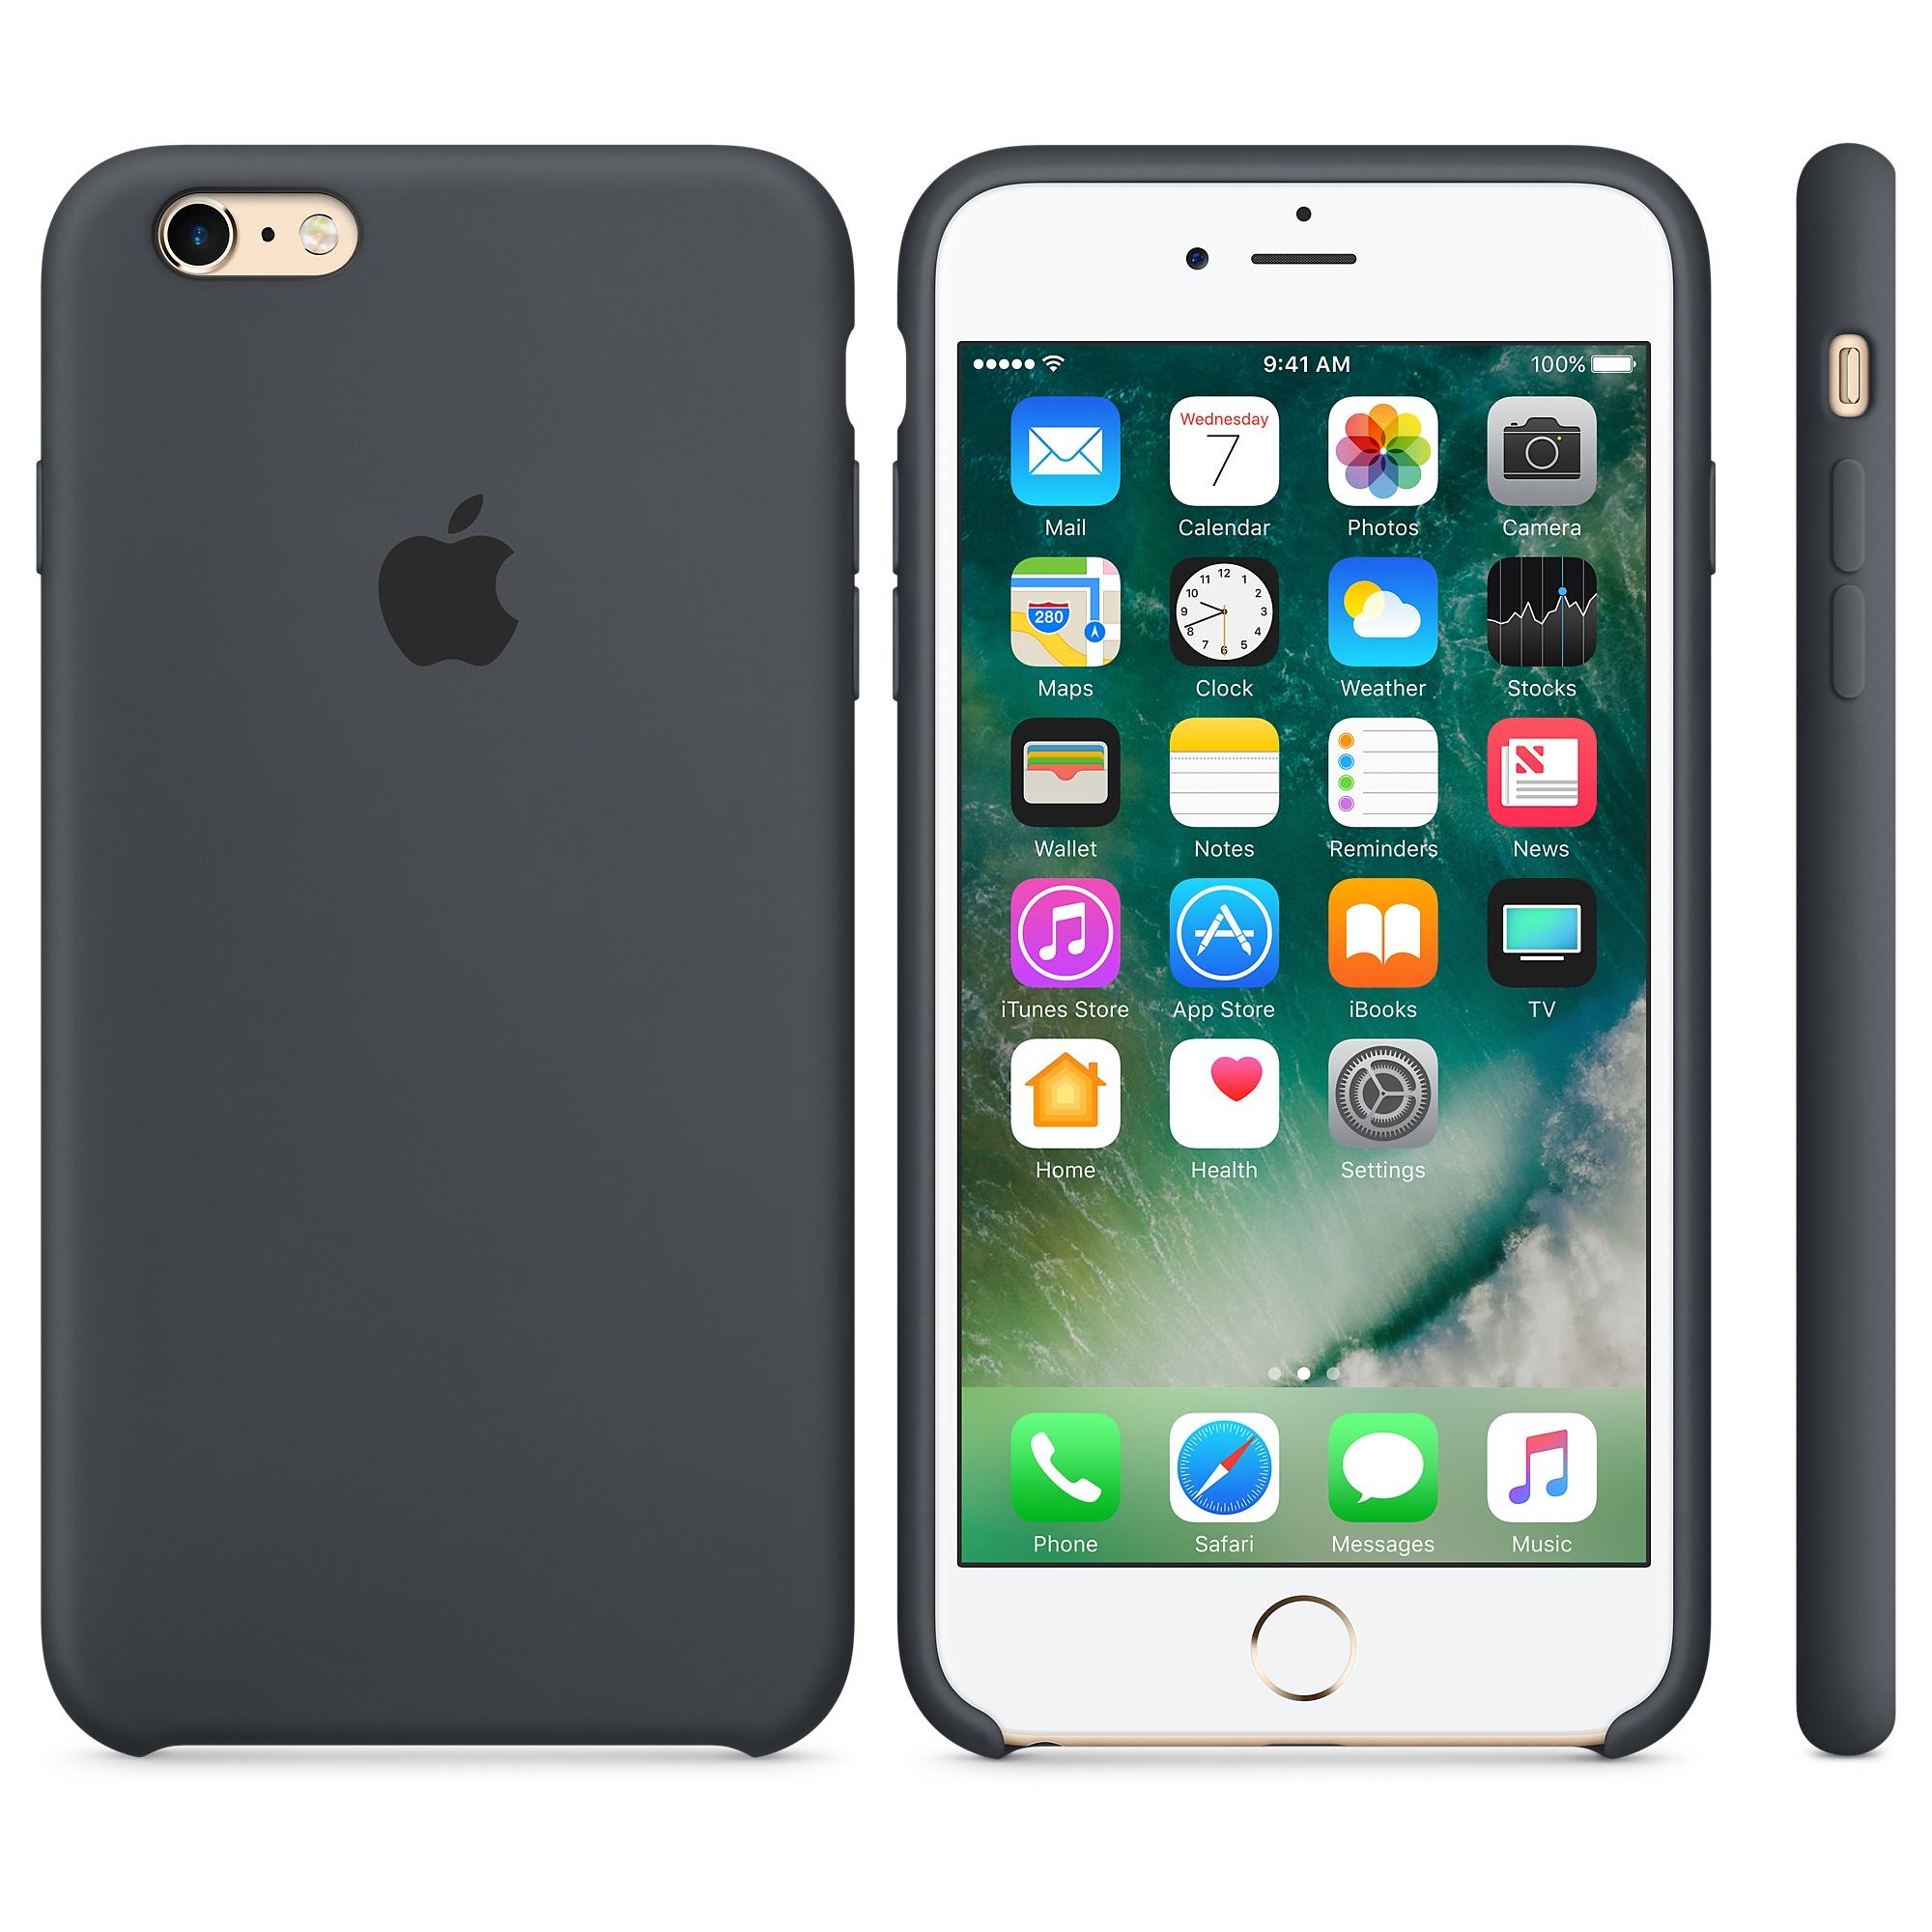 Pouzdra, kryty a obaly na iPhone 6 / 6S